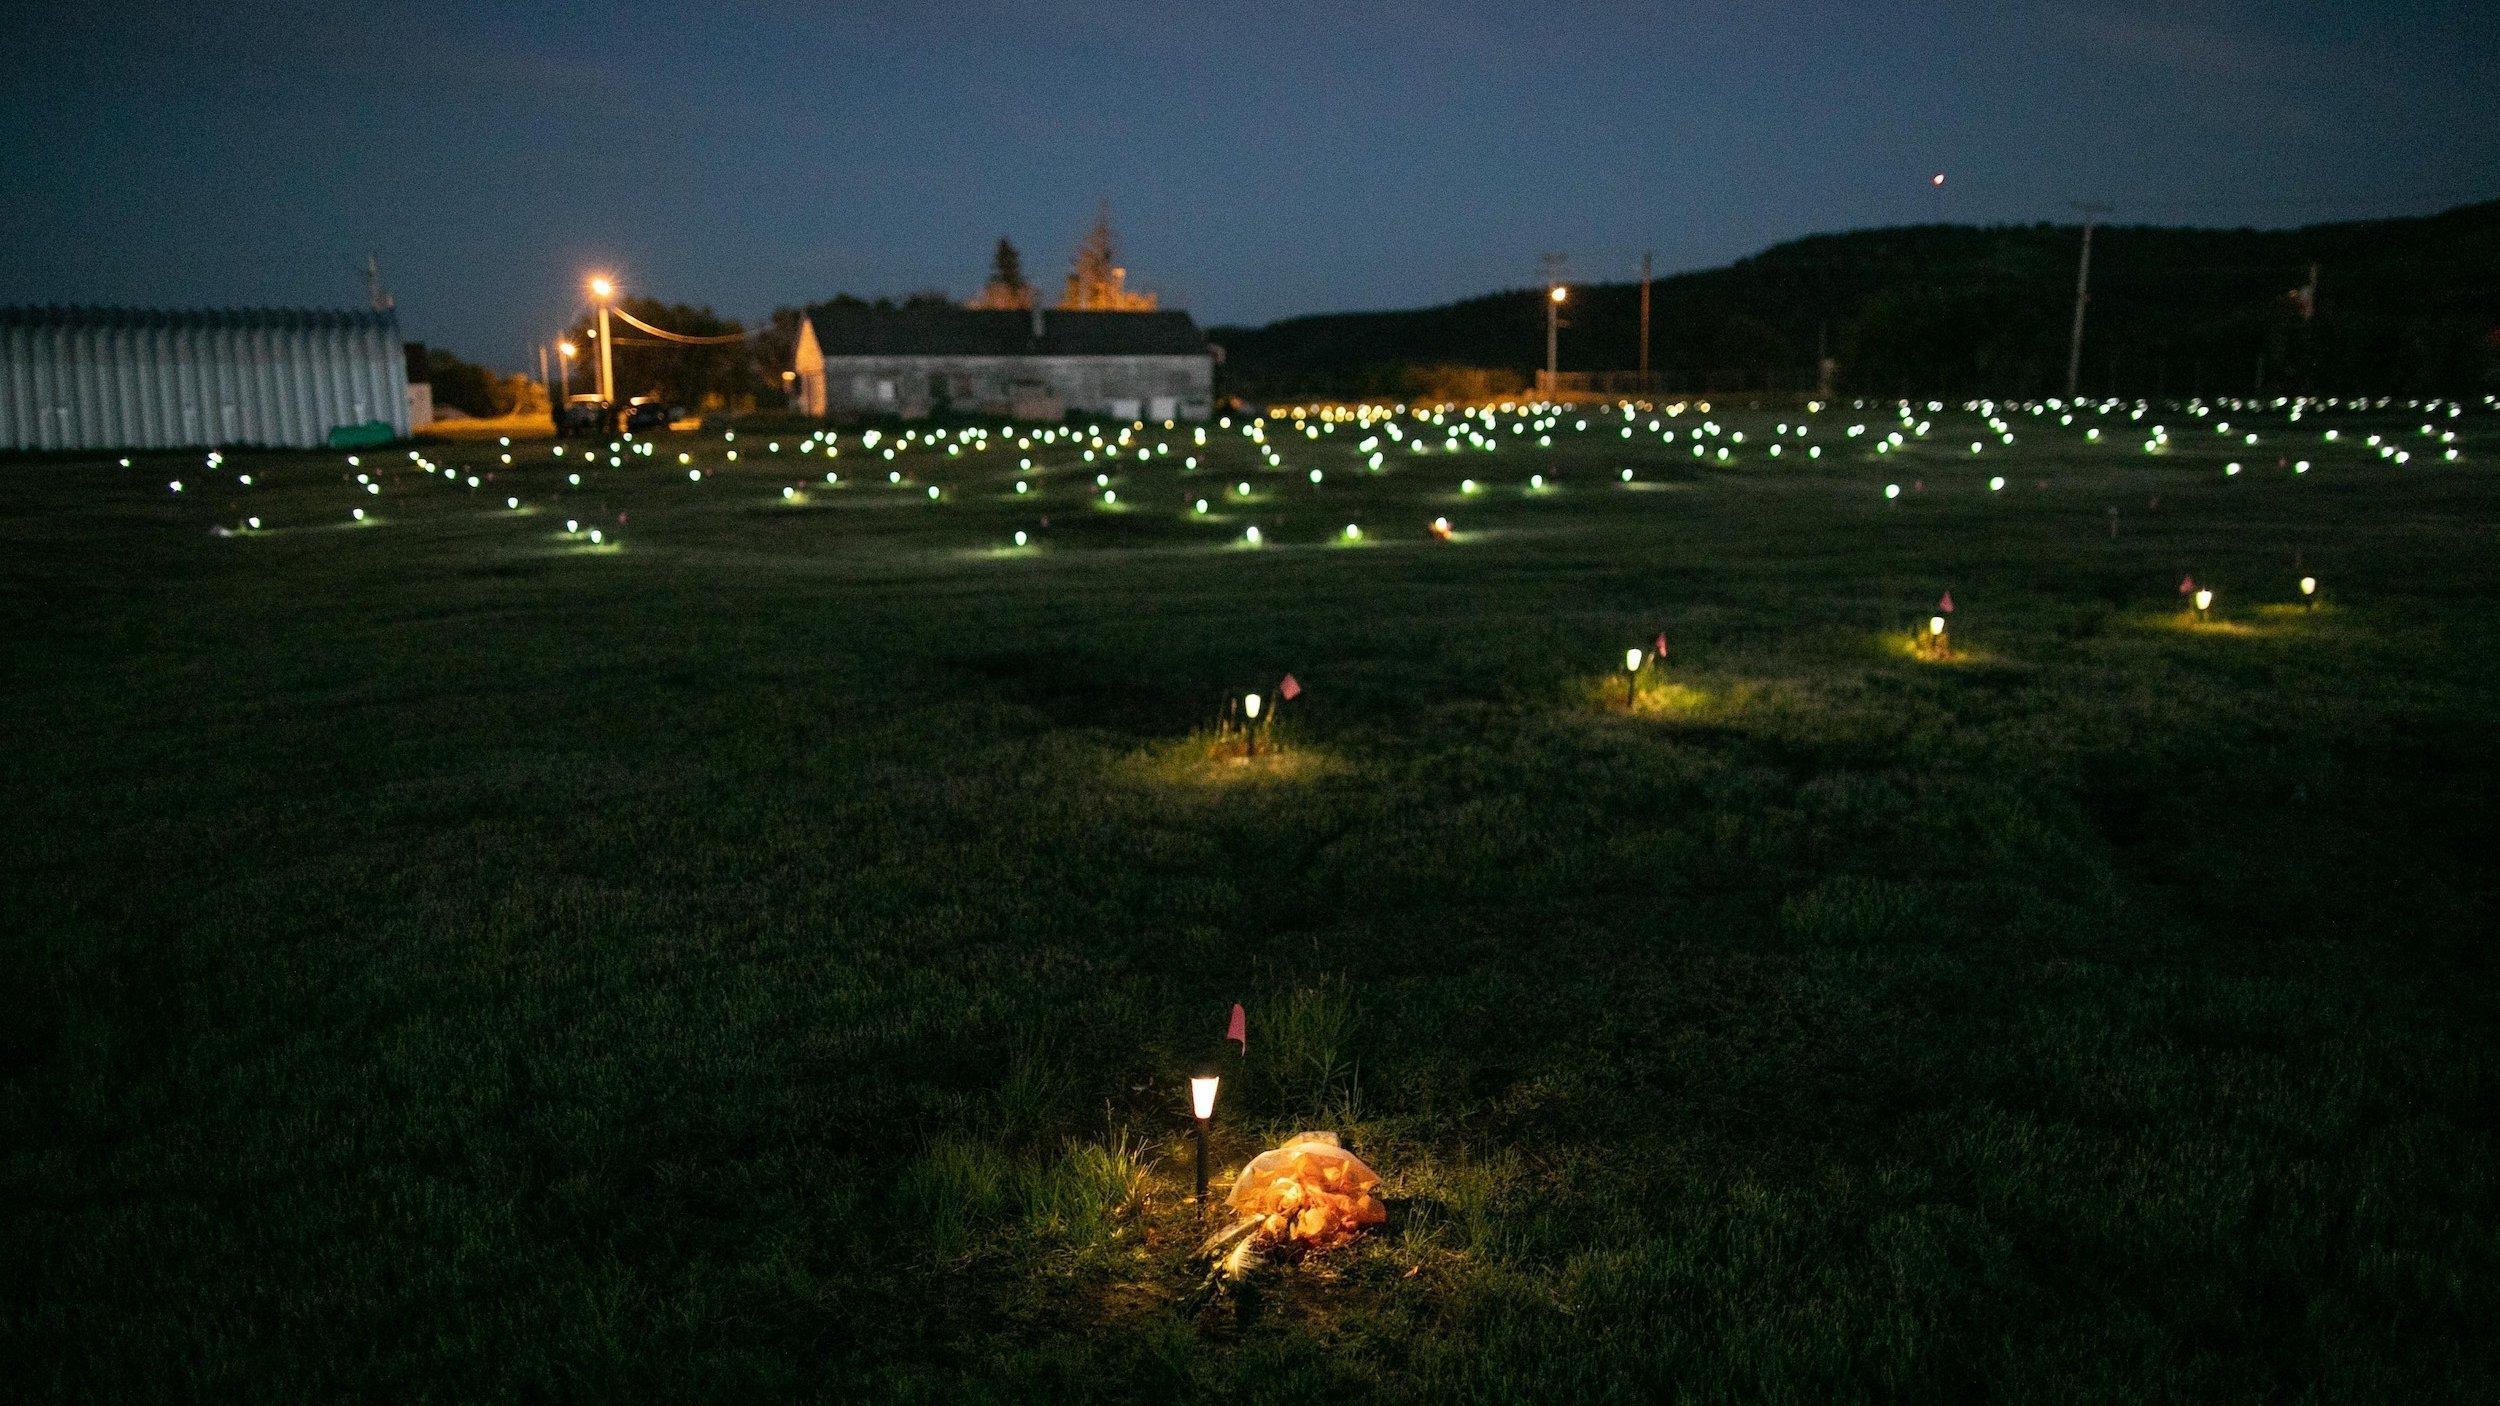 In der Dämmerung leuchten zahlreiche Solarlämpchen auf der Wiese vor einer Kirche, sie markieren die aufgefundenen Kindergräber.